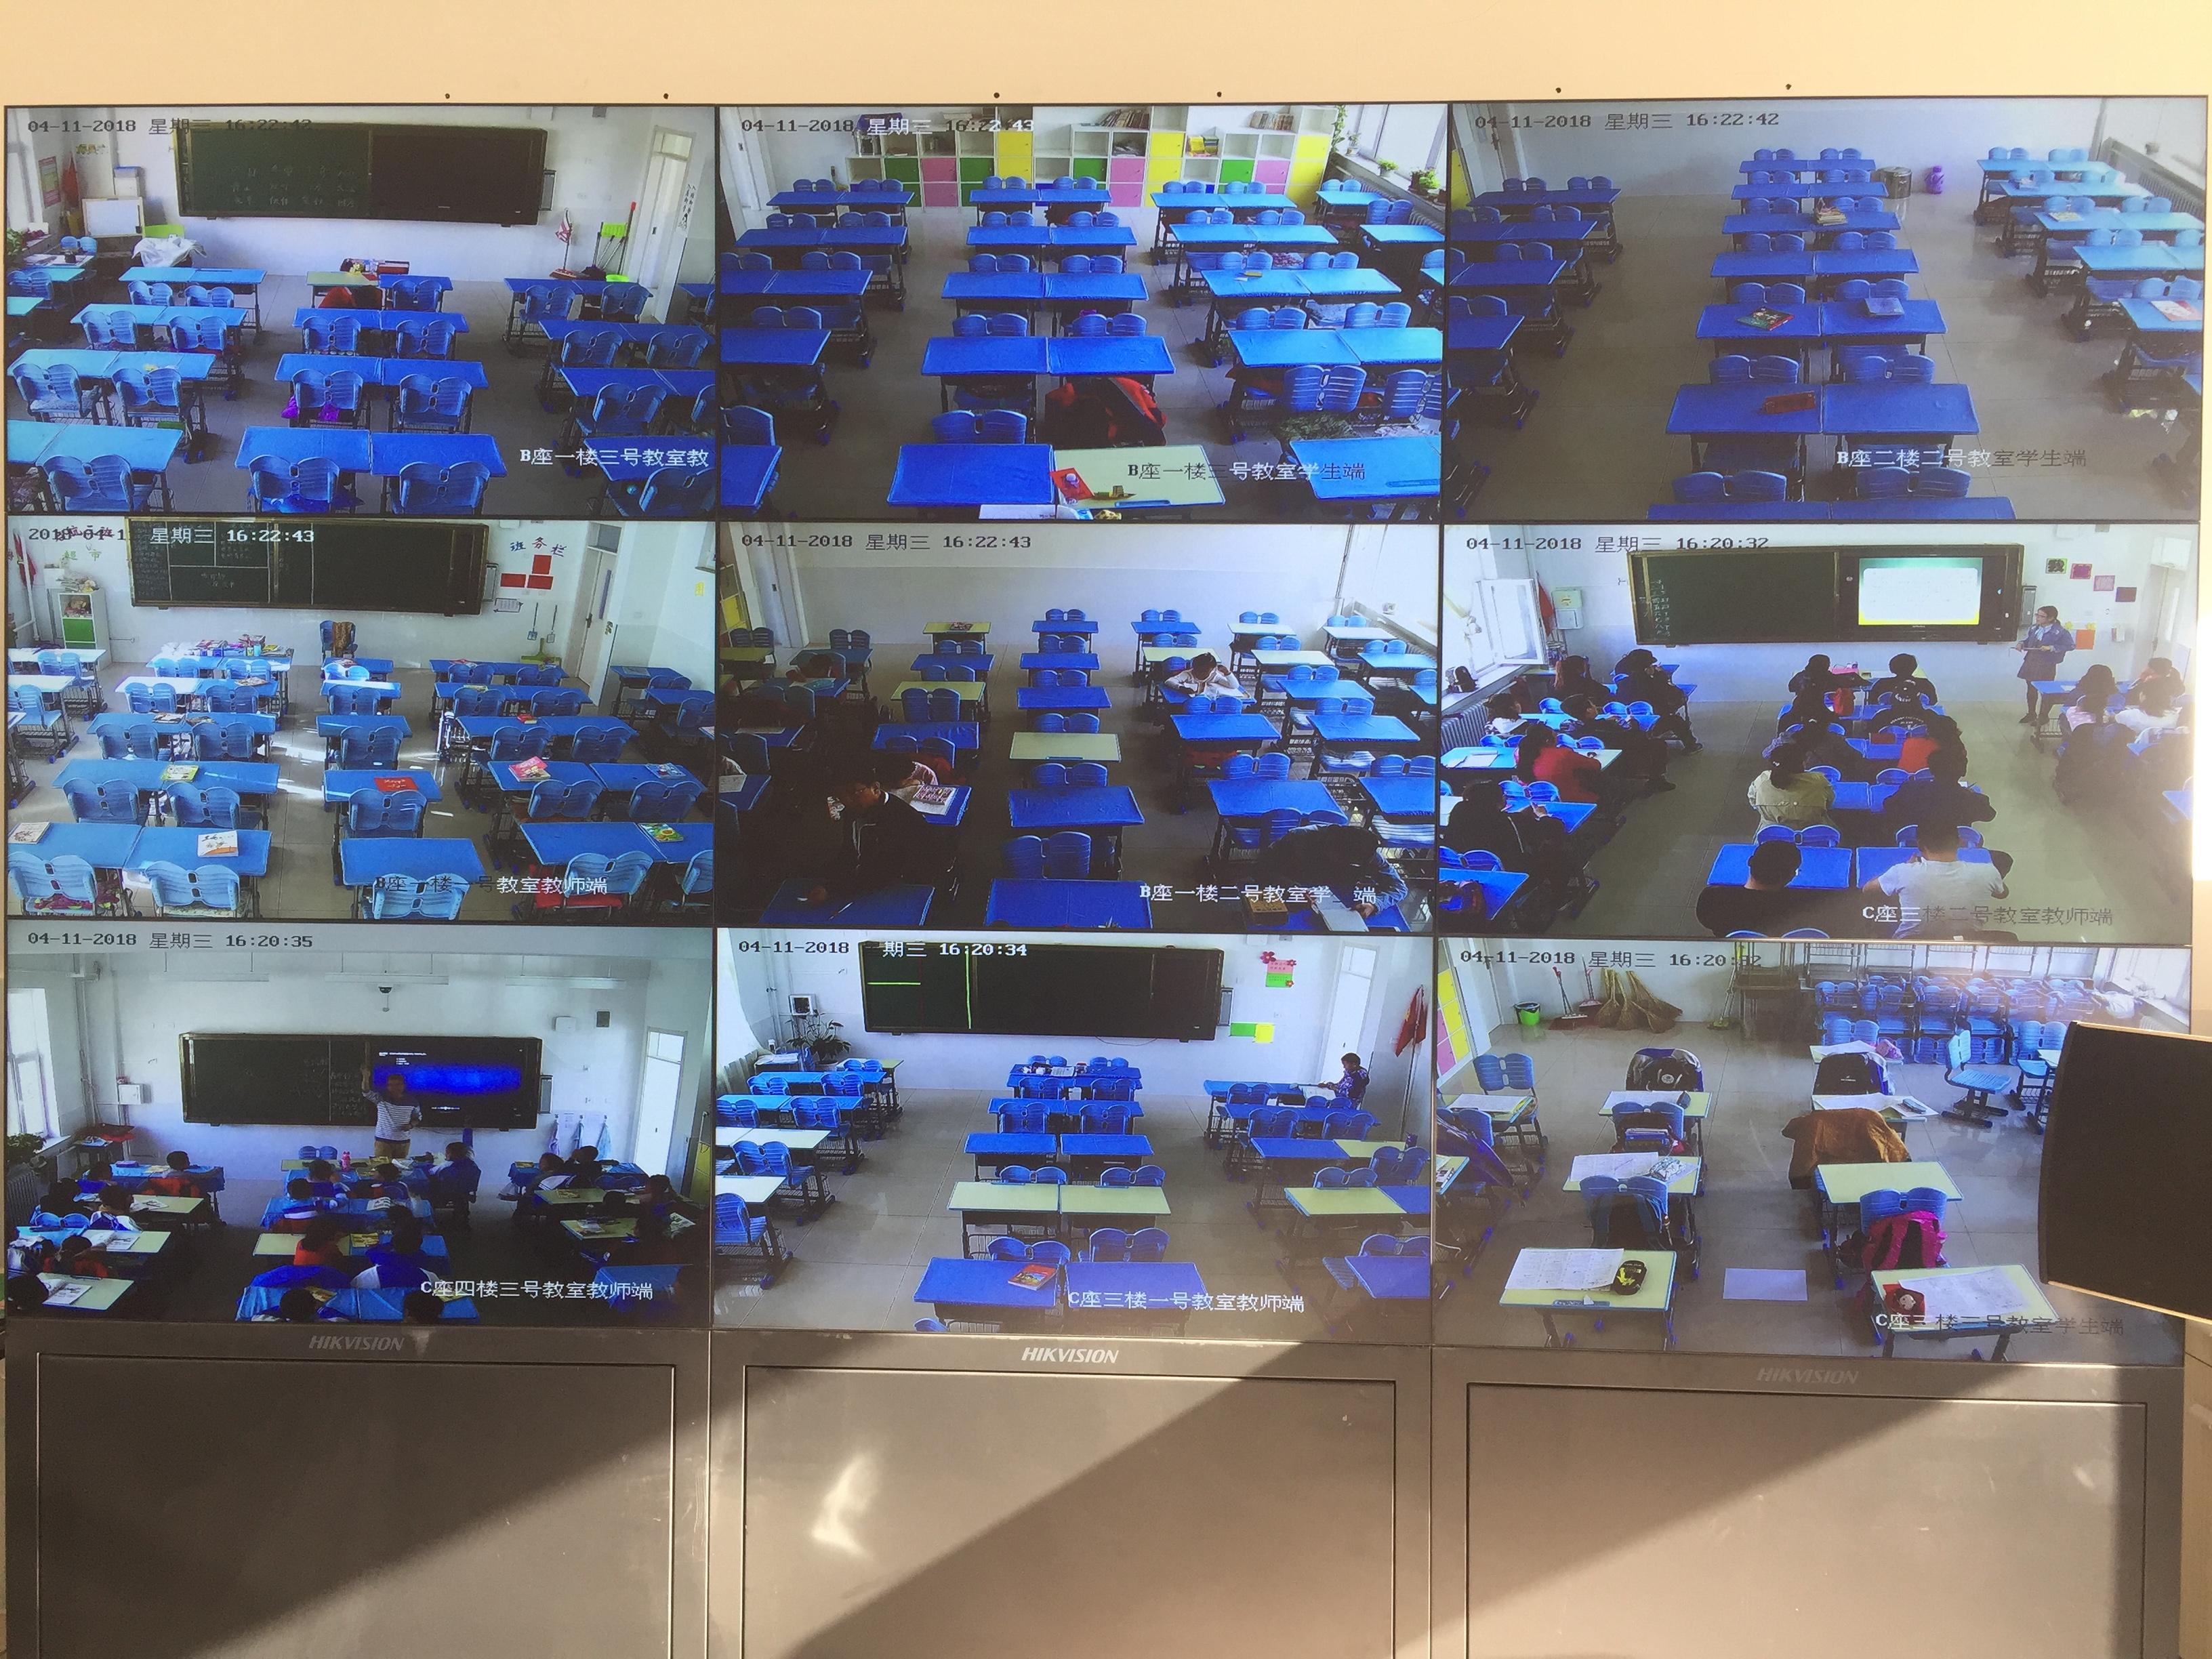 学校视频监控系统建设